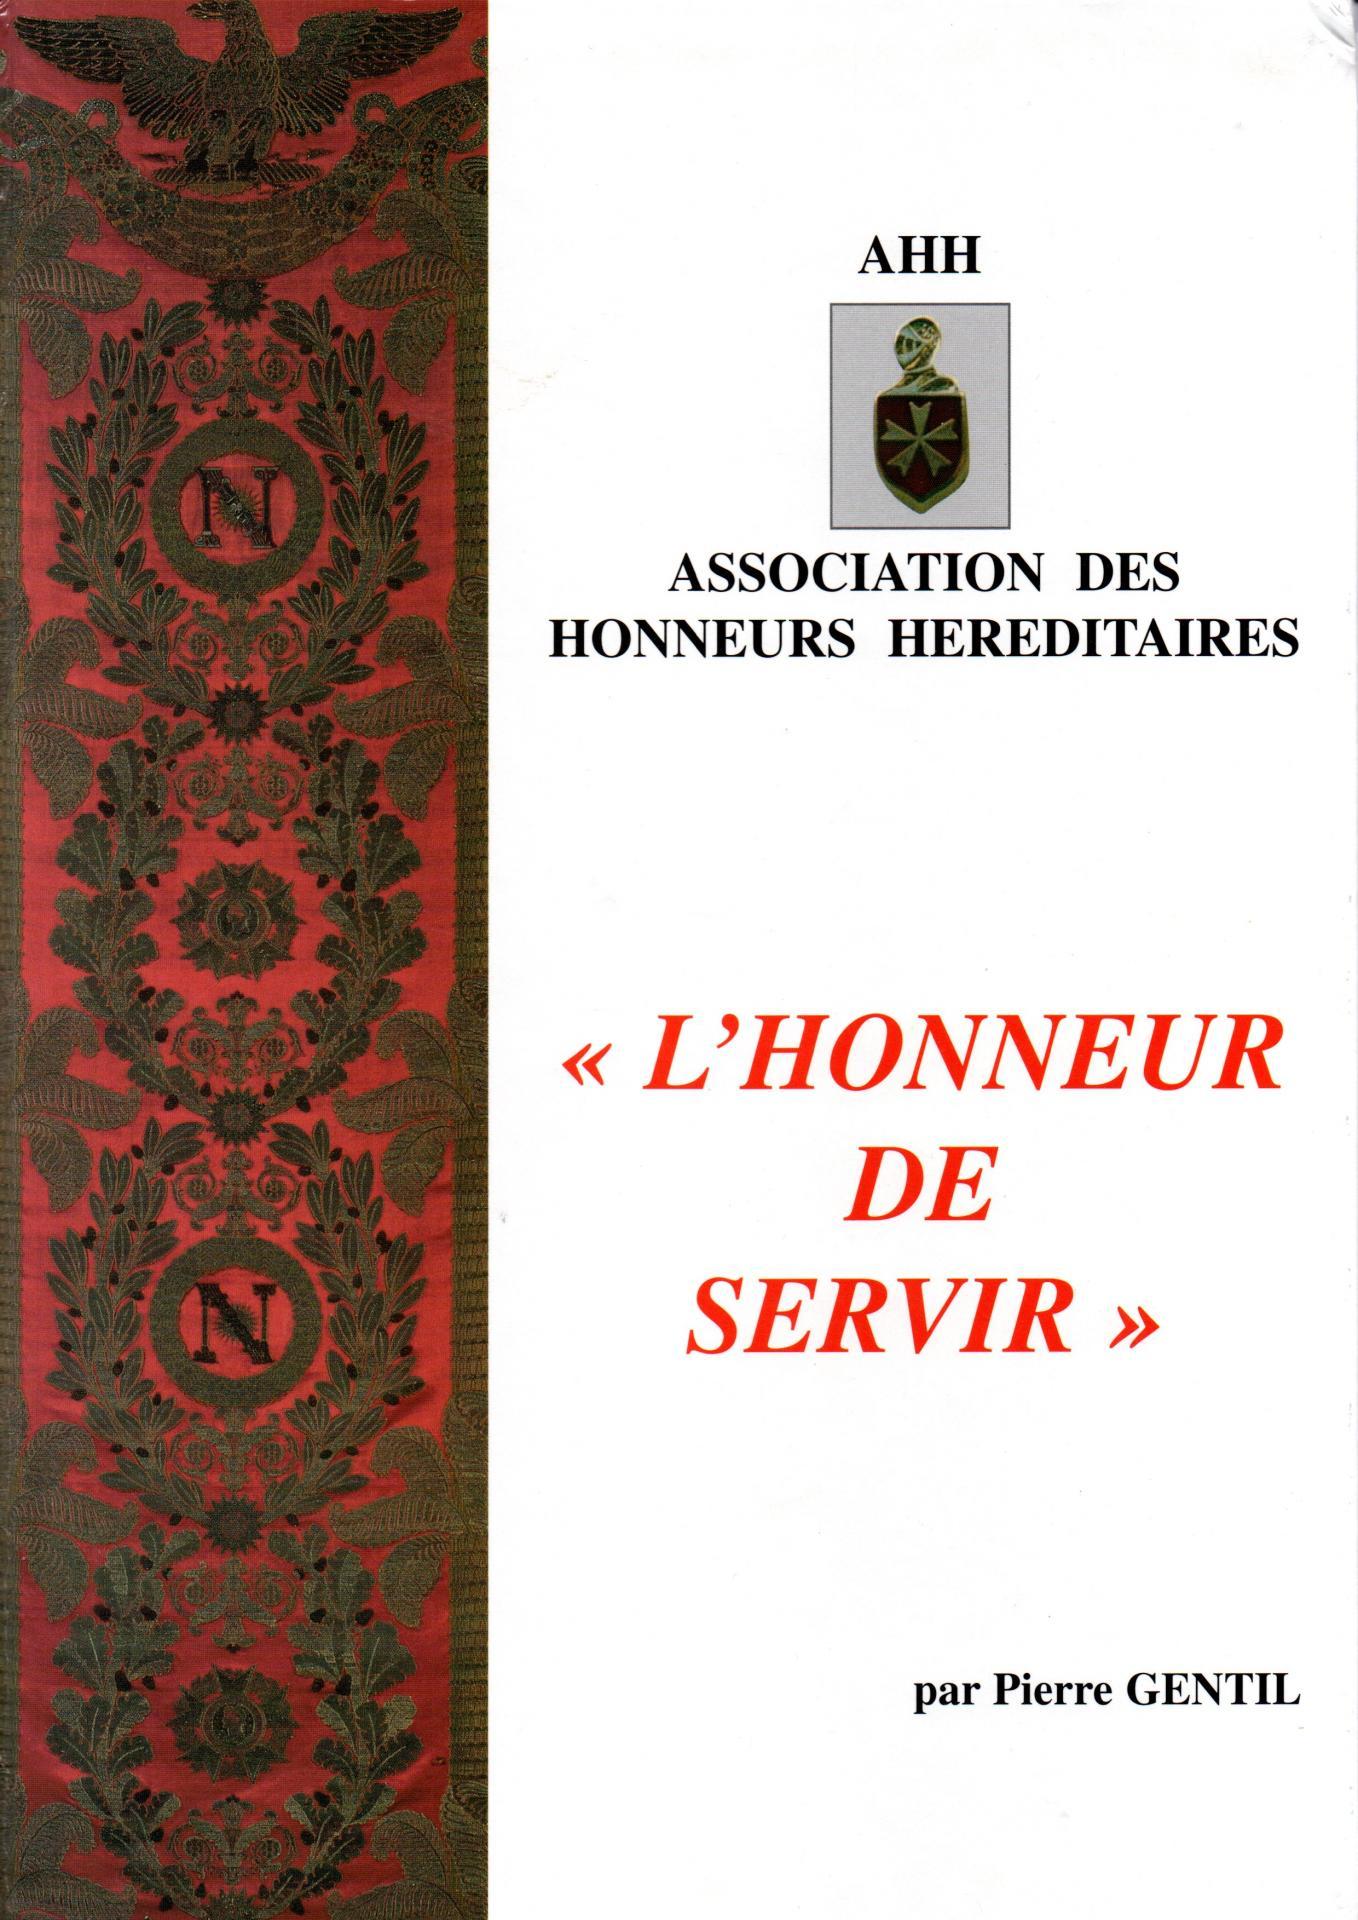 Livre de pierre Gentil / l honneur de servir  / Association des Honneurs héréditaires